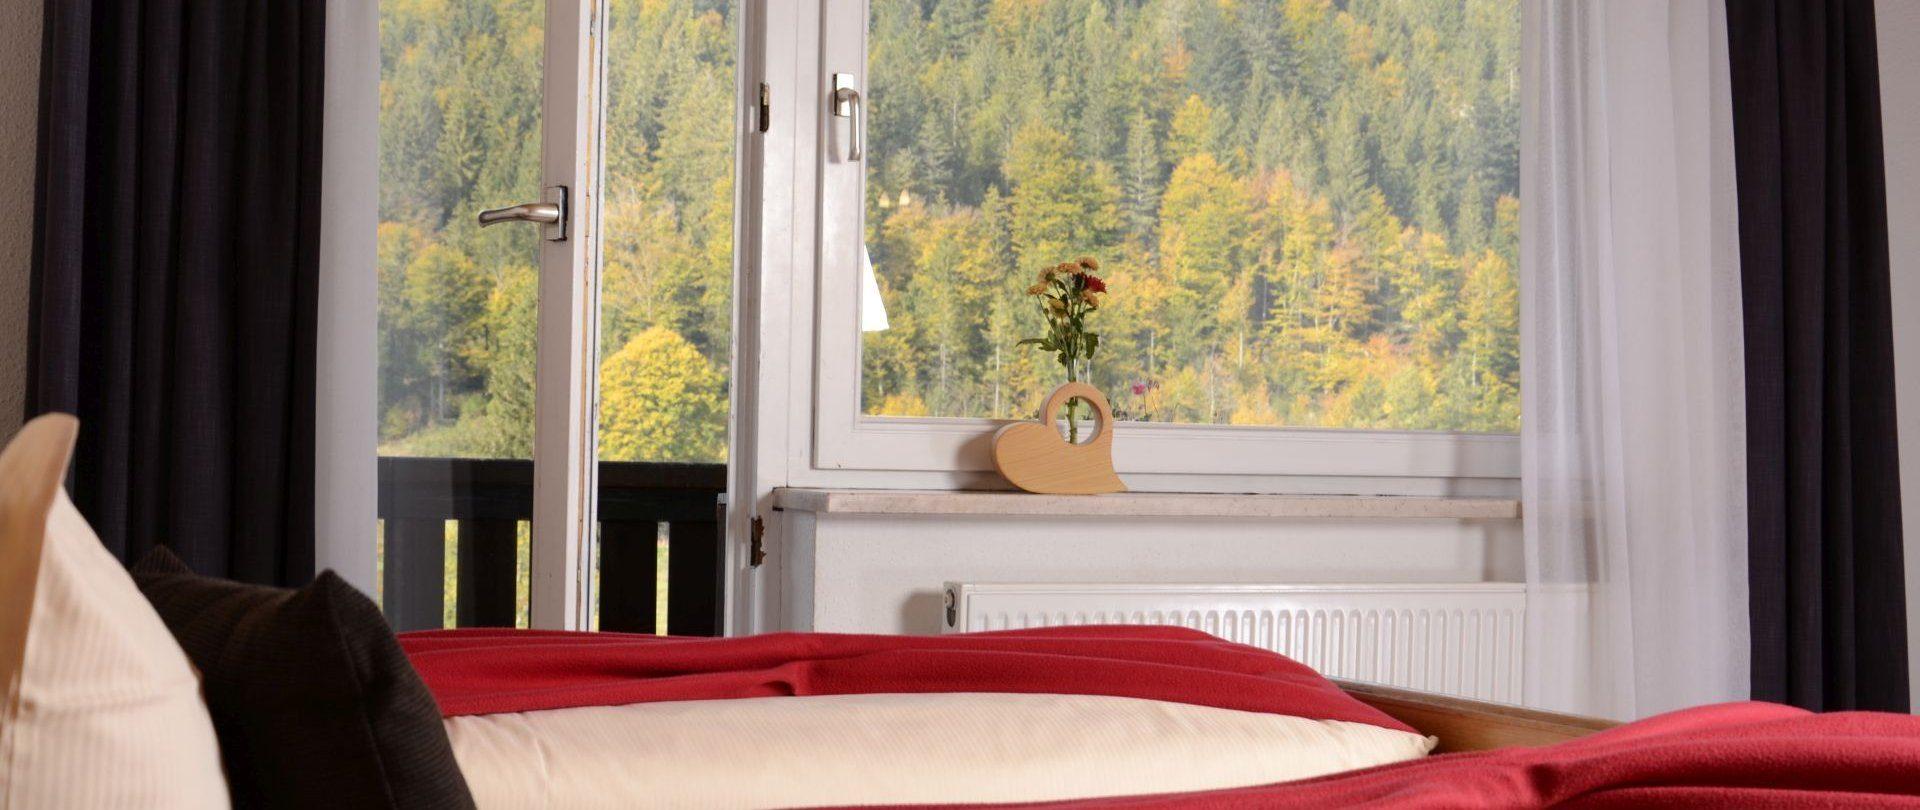 Hotel Großbach, Menzenschwand